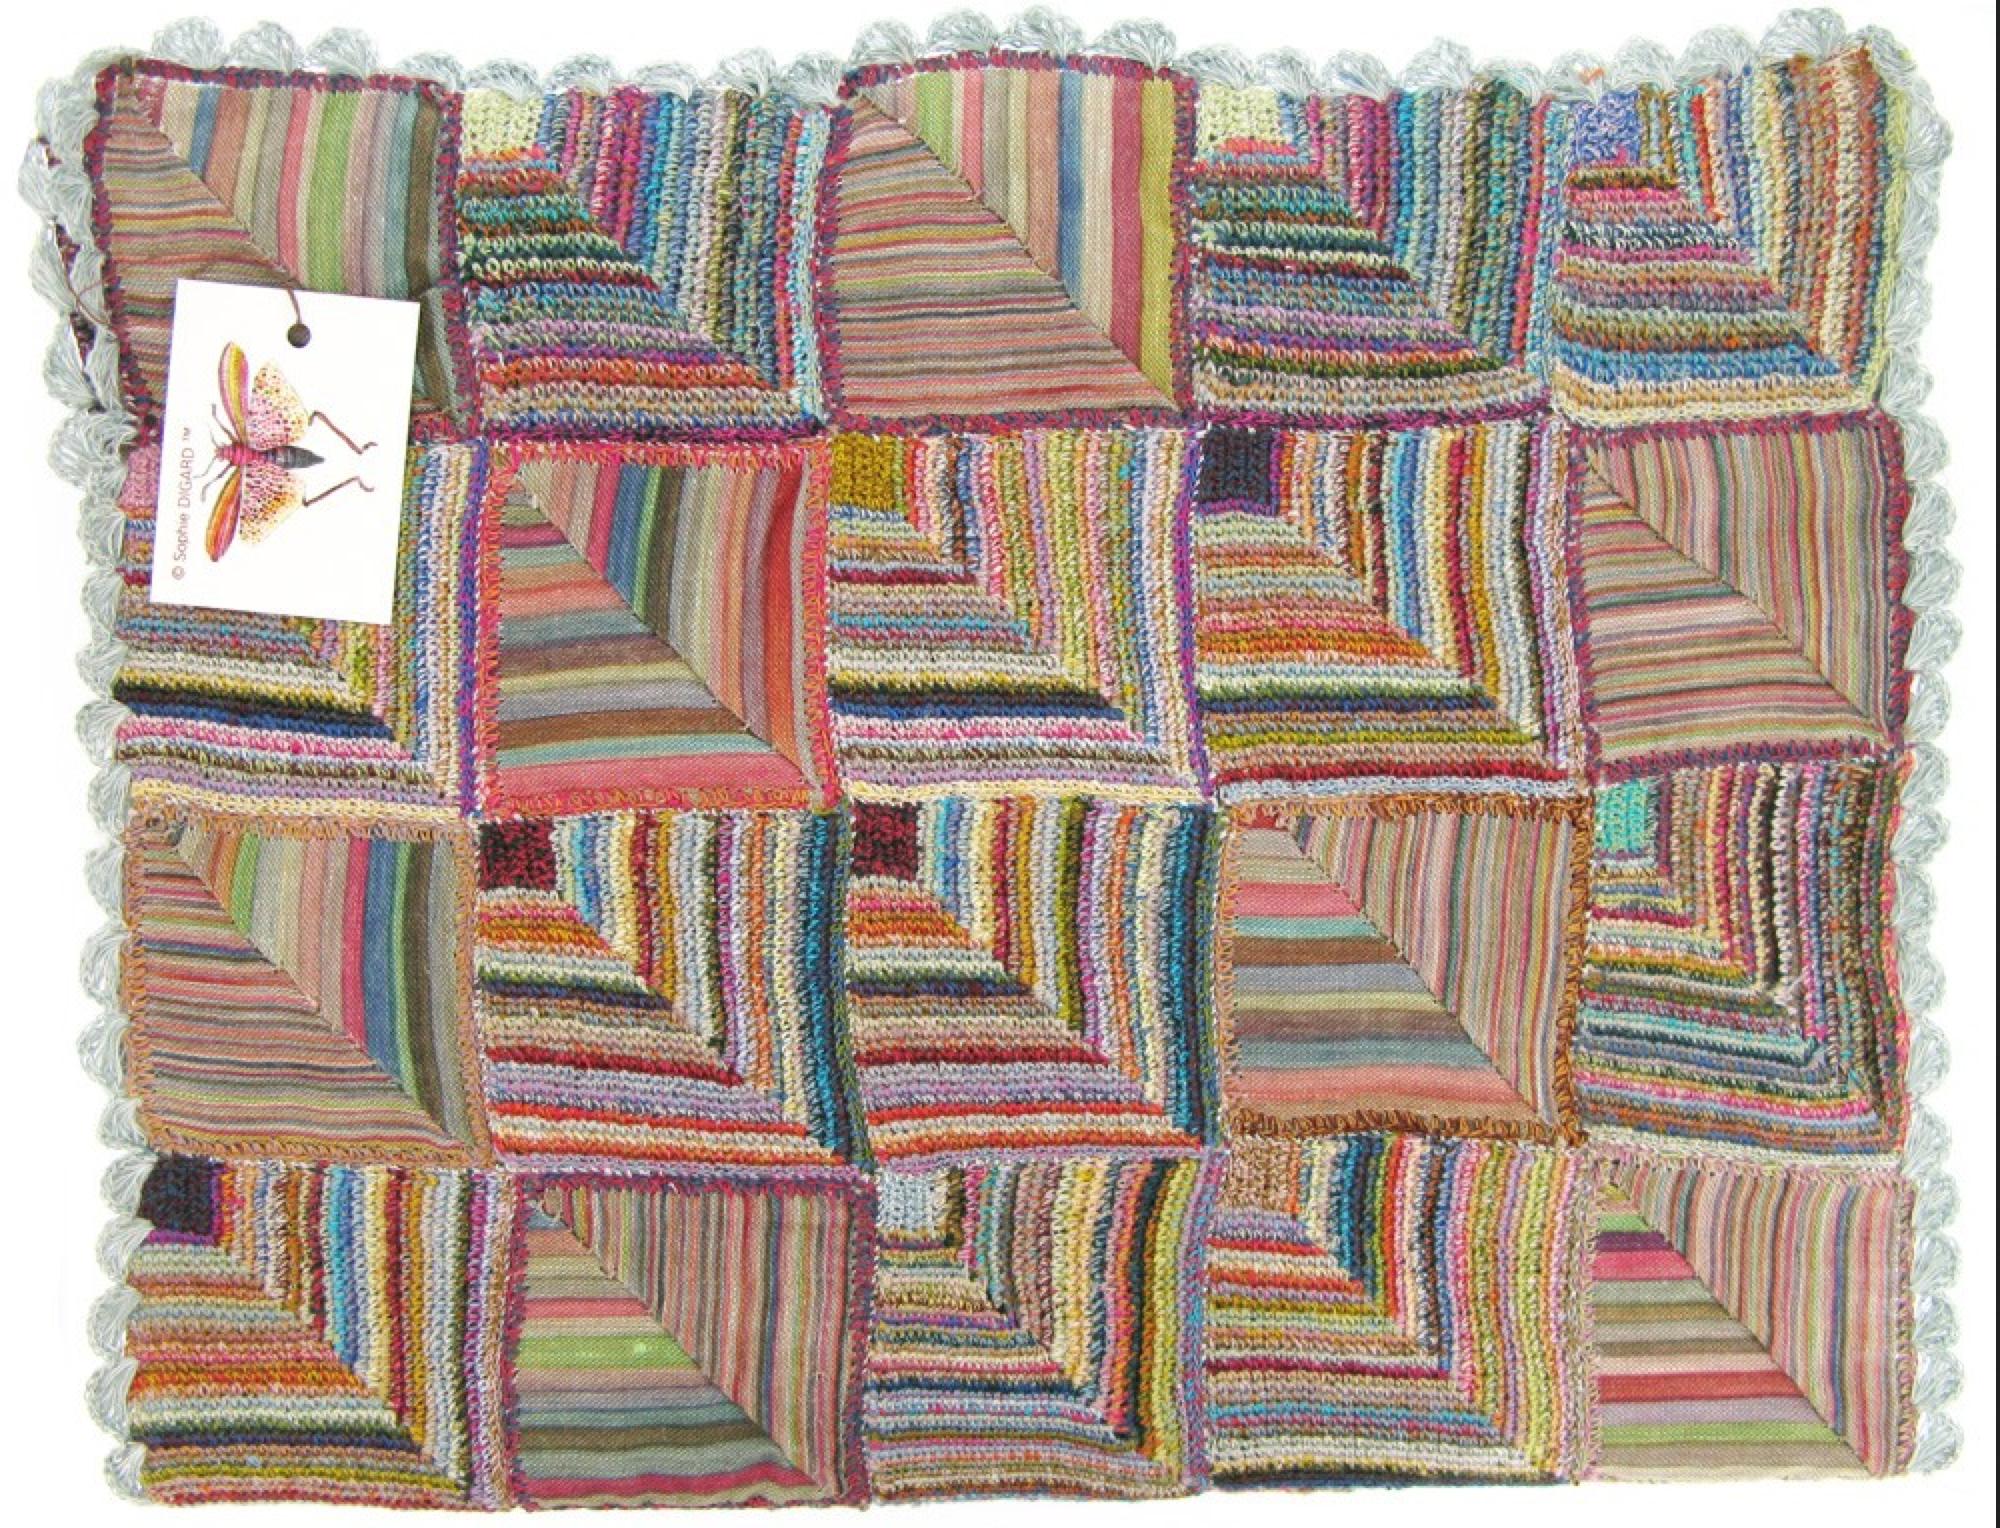 Sophie Digard crochet - Shell Beach. Combines linen fabric and linen thread crochet work.